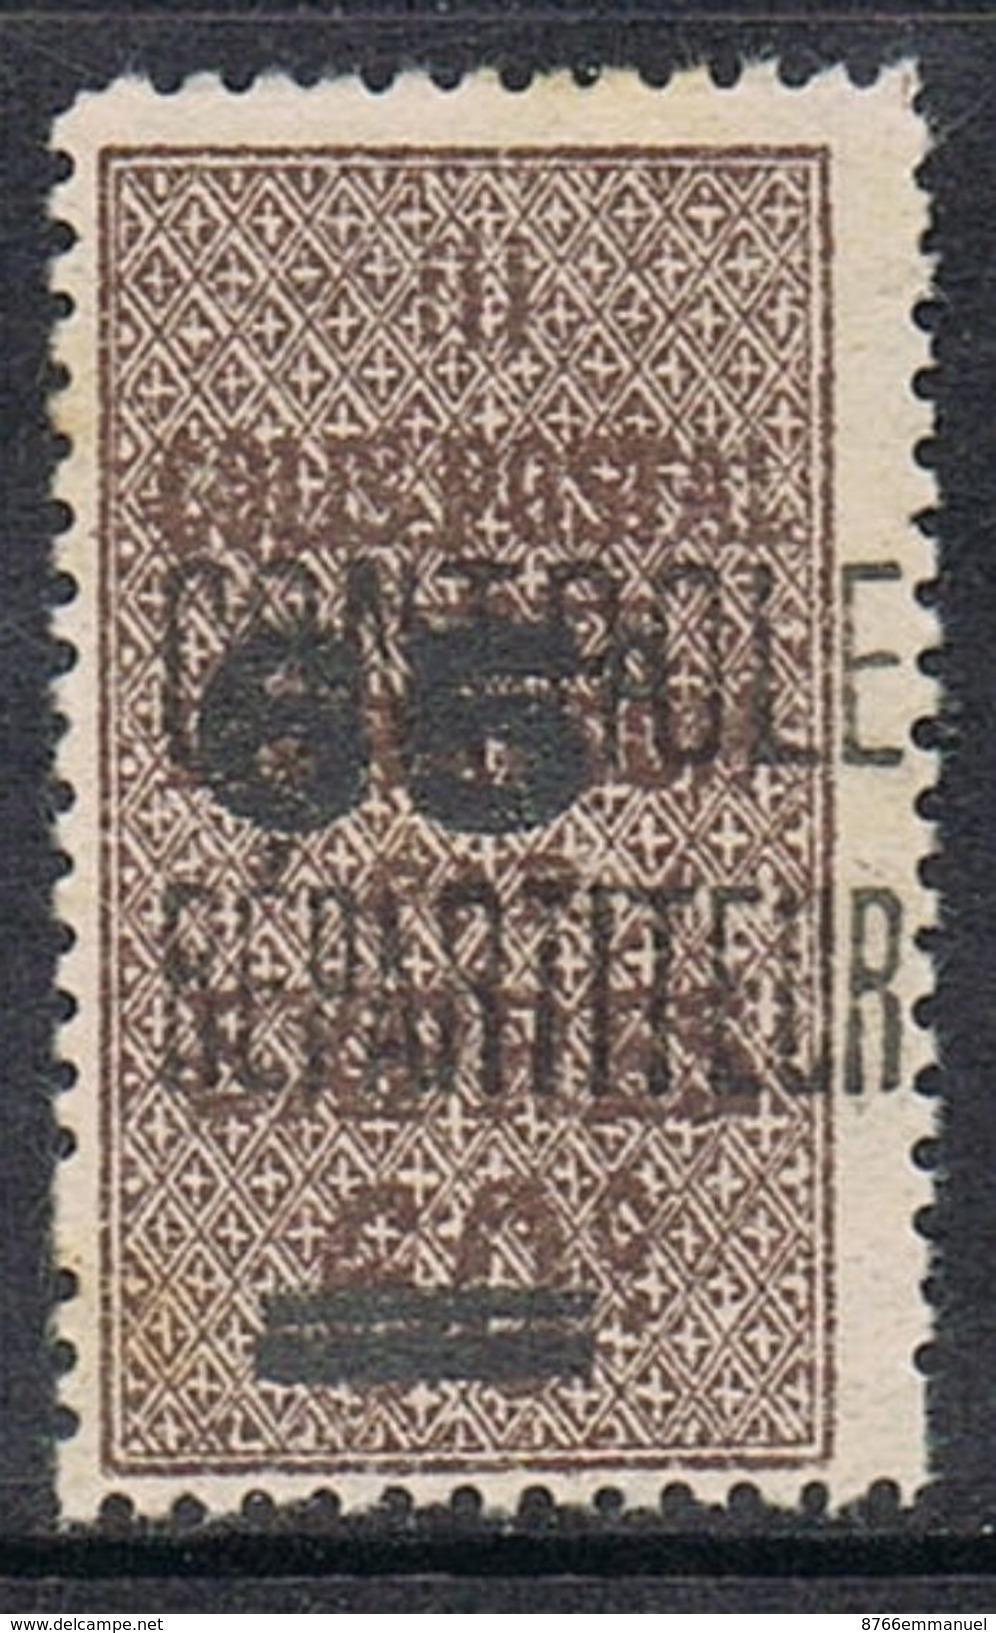 """ALGERIE COLIS POSTAL N°15 N**  Variété Surcharge """"c"""" Fermée Et Barre Inférieure épaisse - Algérie (1924-1962)"""